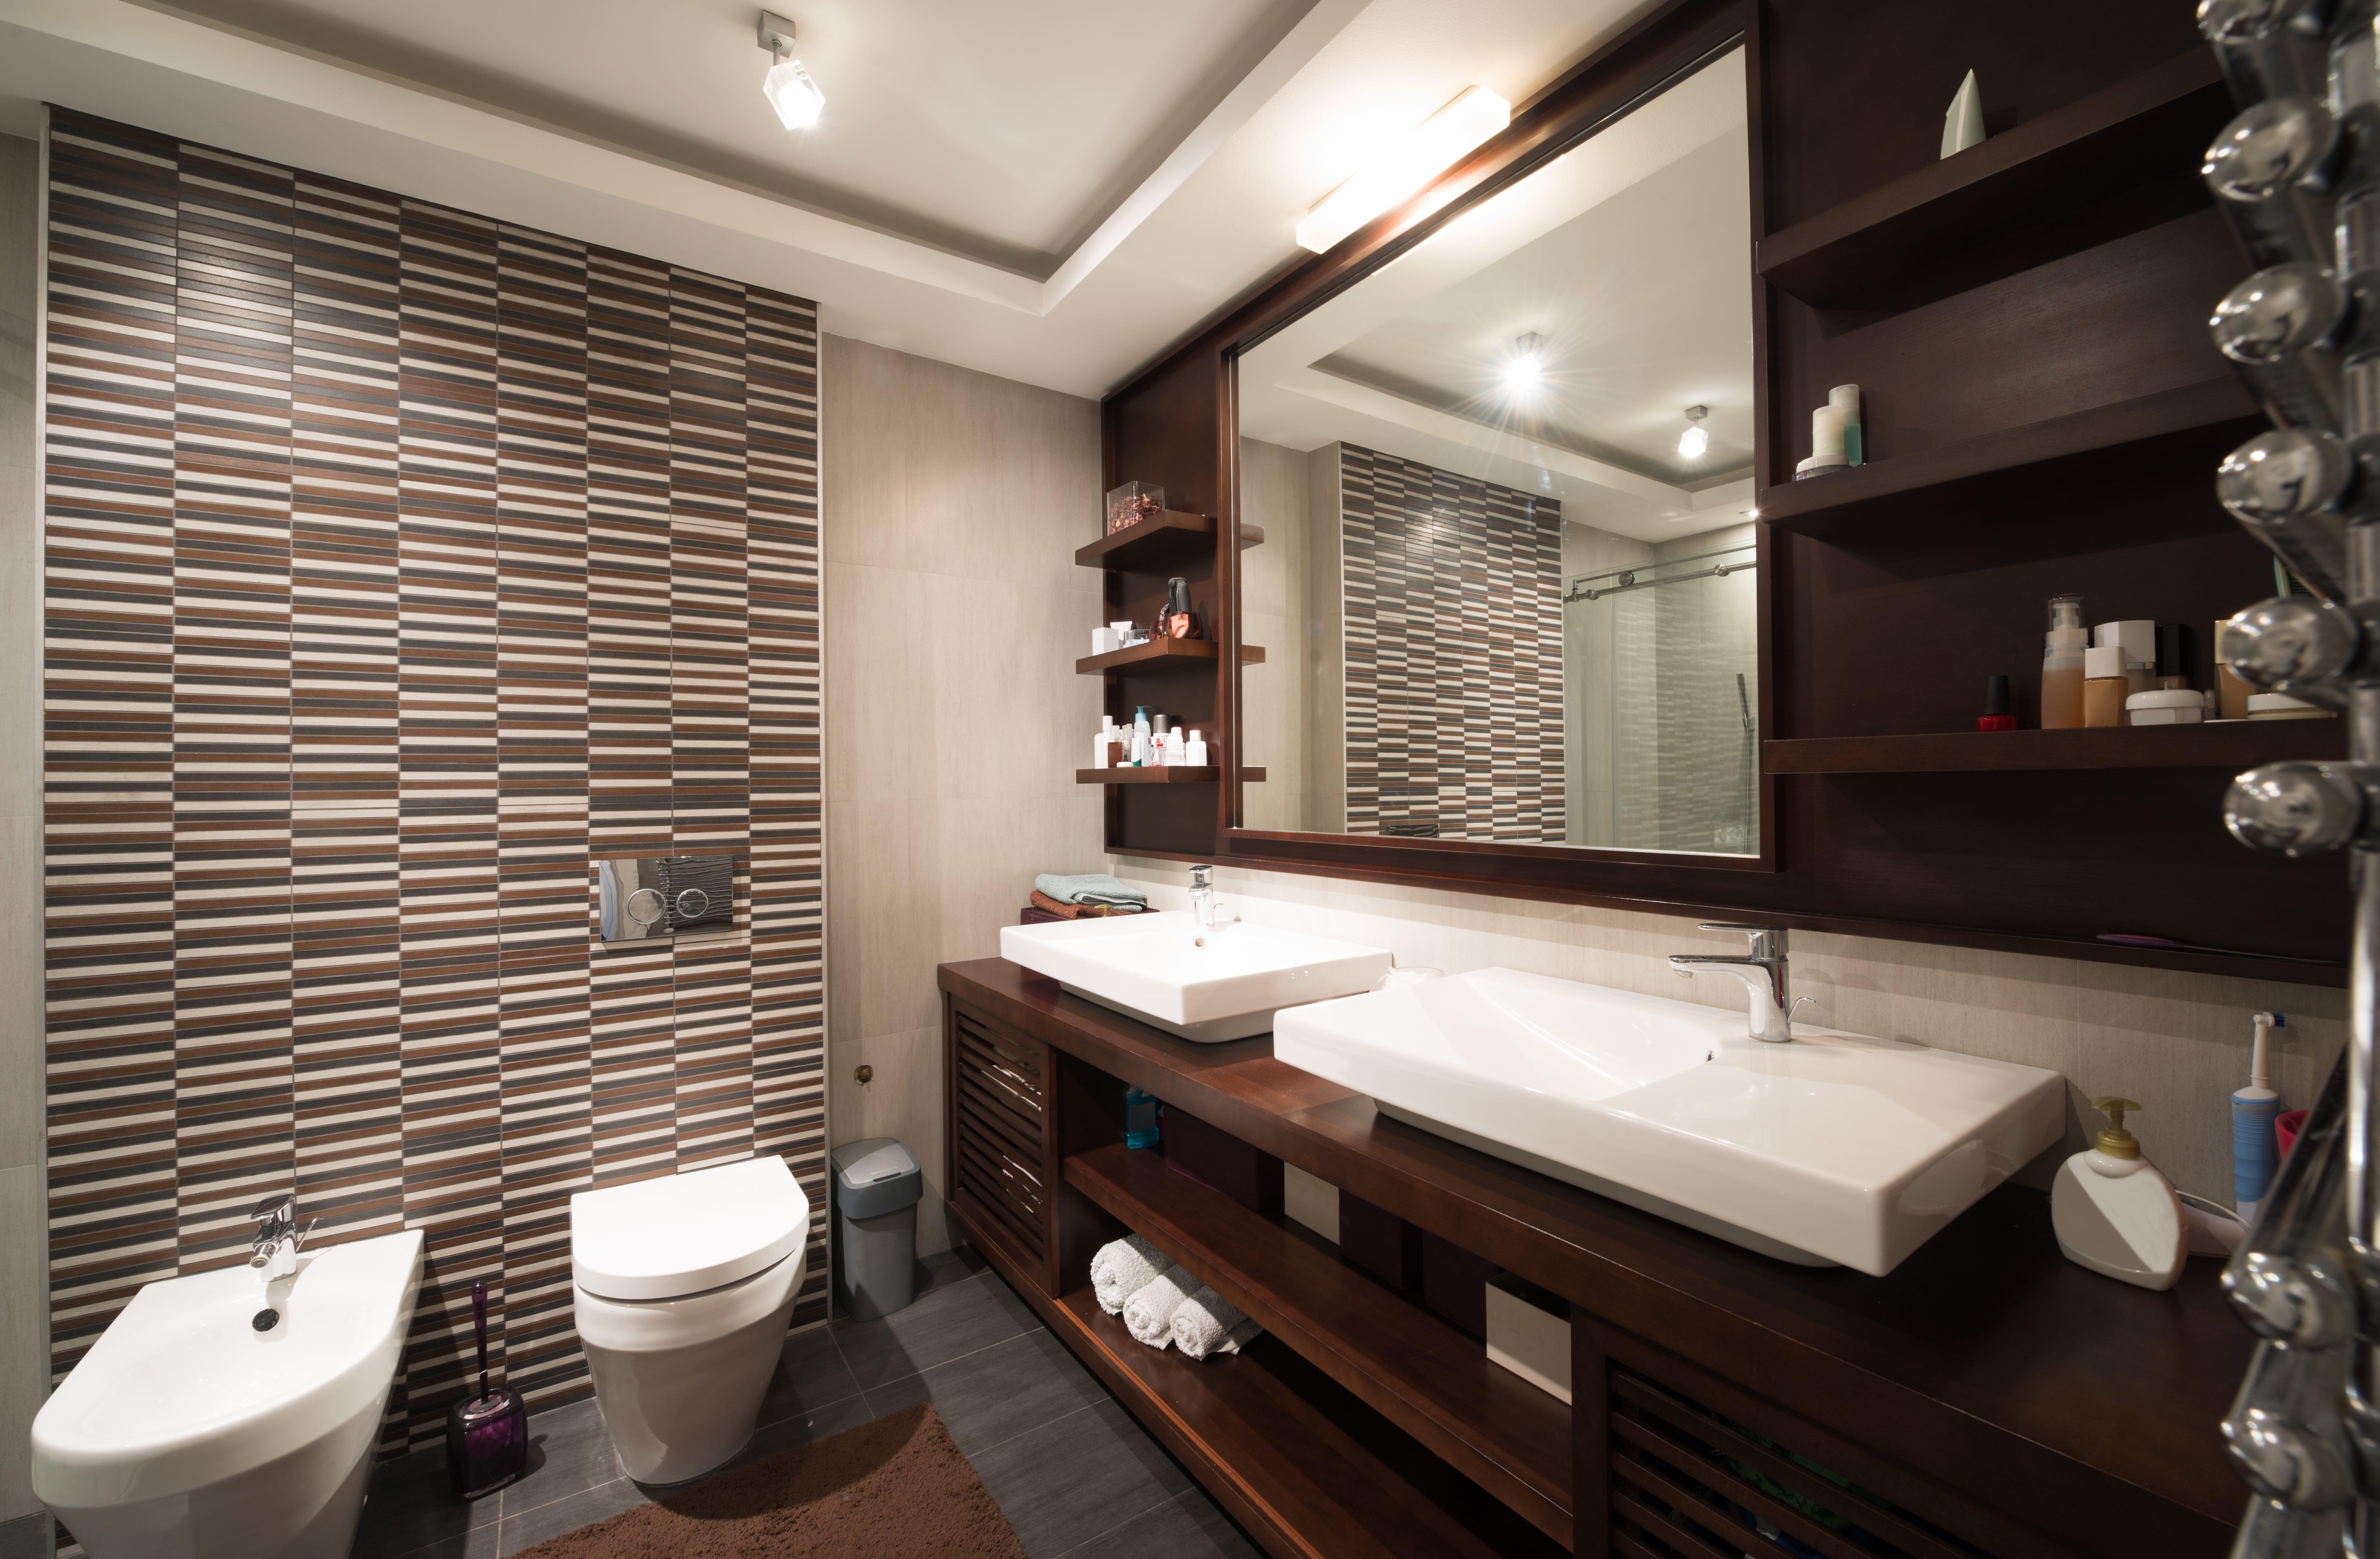 Was hilft gegen beschlagene Badspiegel?